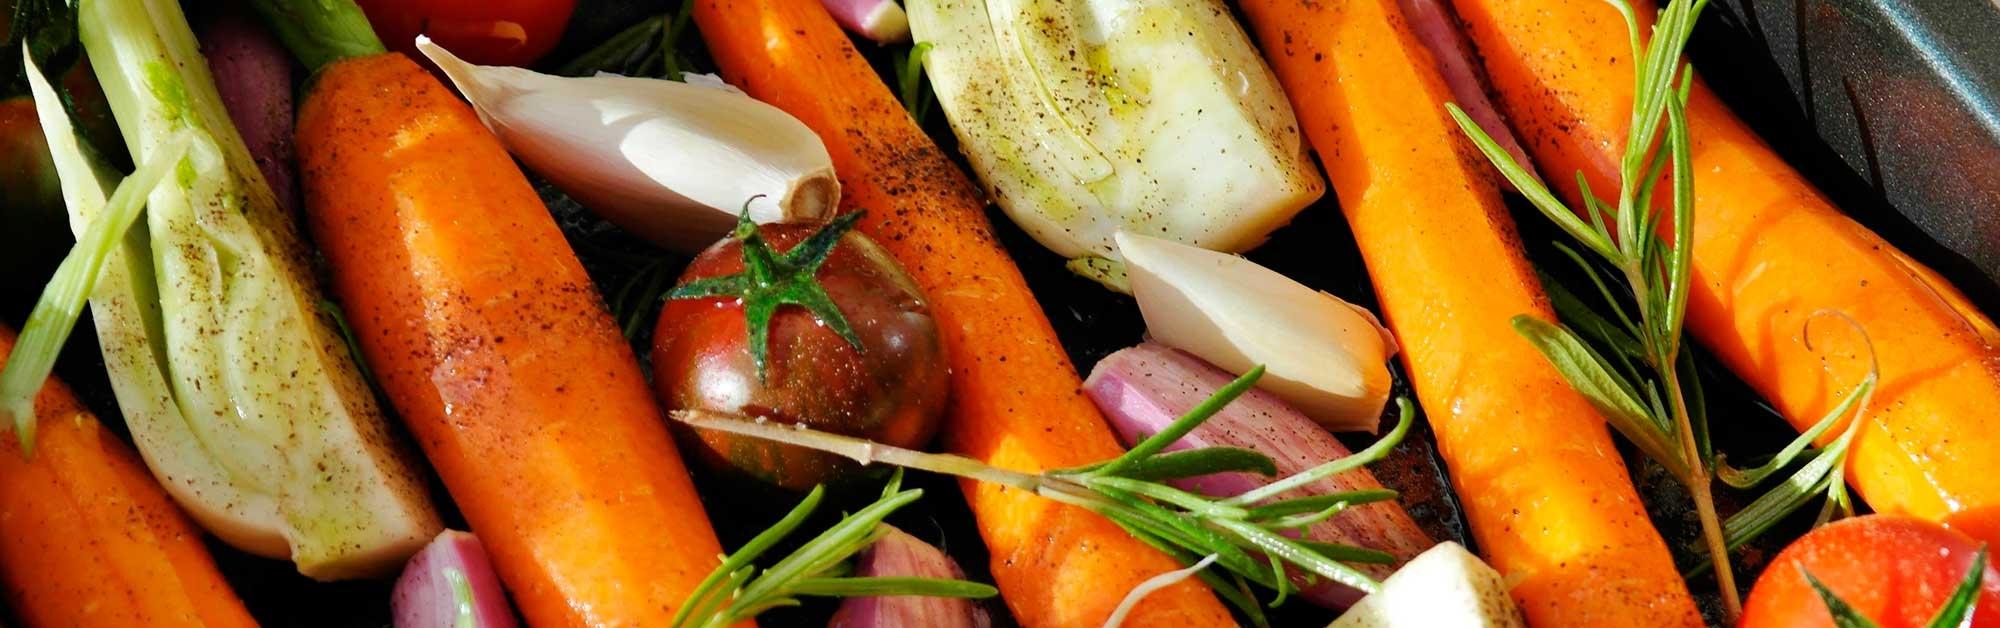 Zanahorias asadas con comino